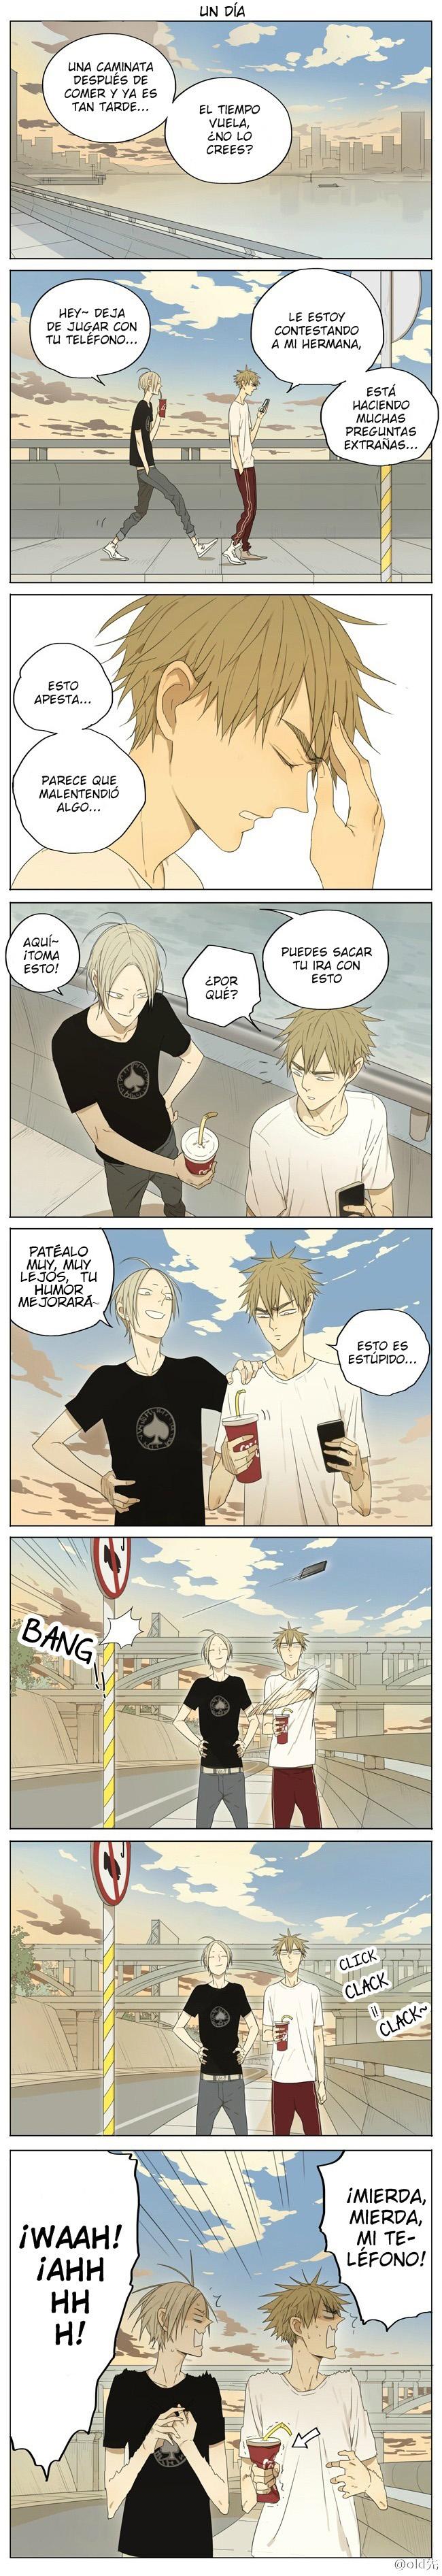 http://c5.ninemanga.com/es_manga/7/15943/381023/da732b20acb48d6b5910e5683d0c300e.jpg Page 3